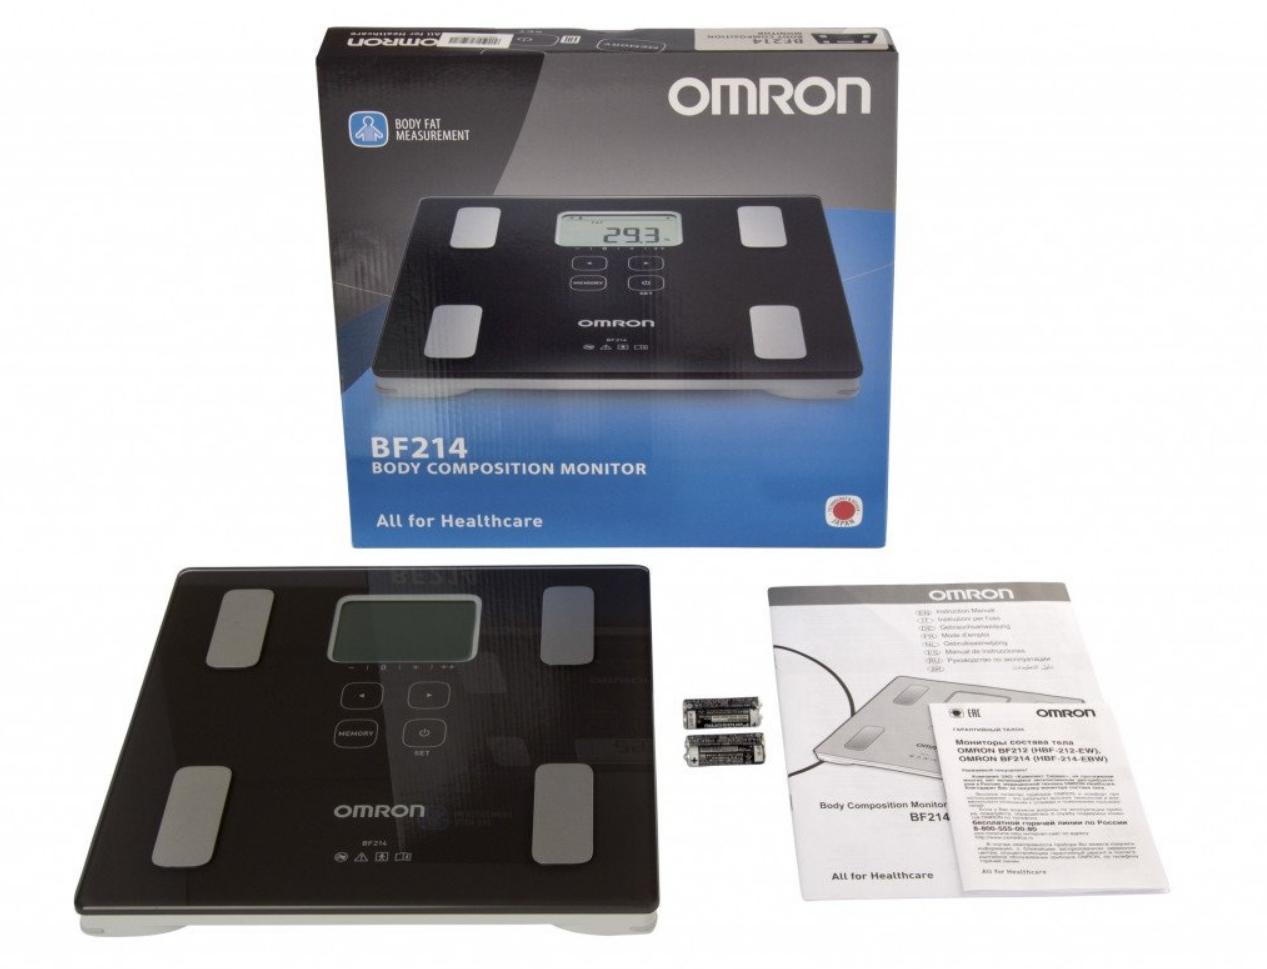 Omron BF214